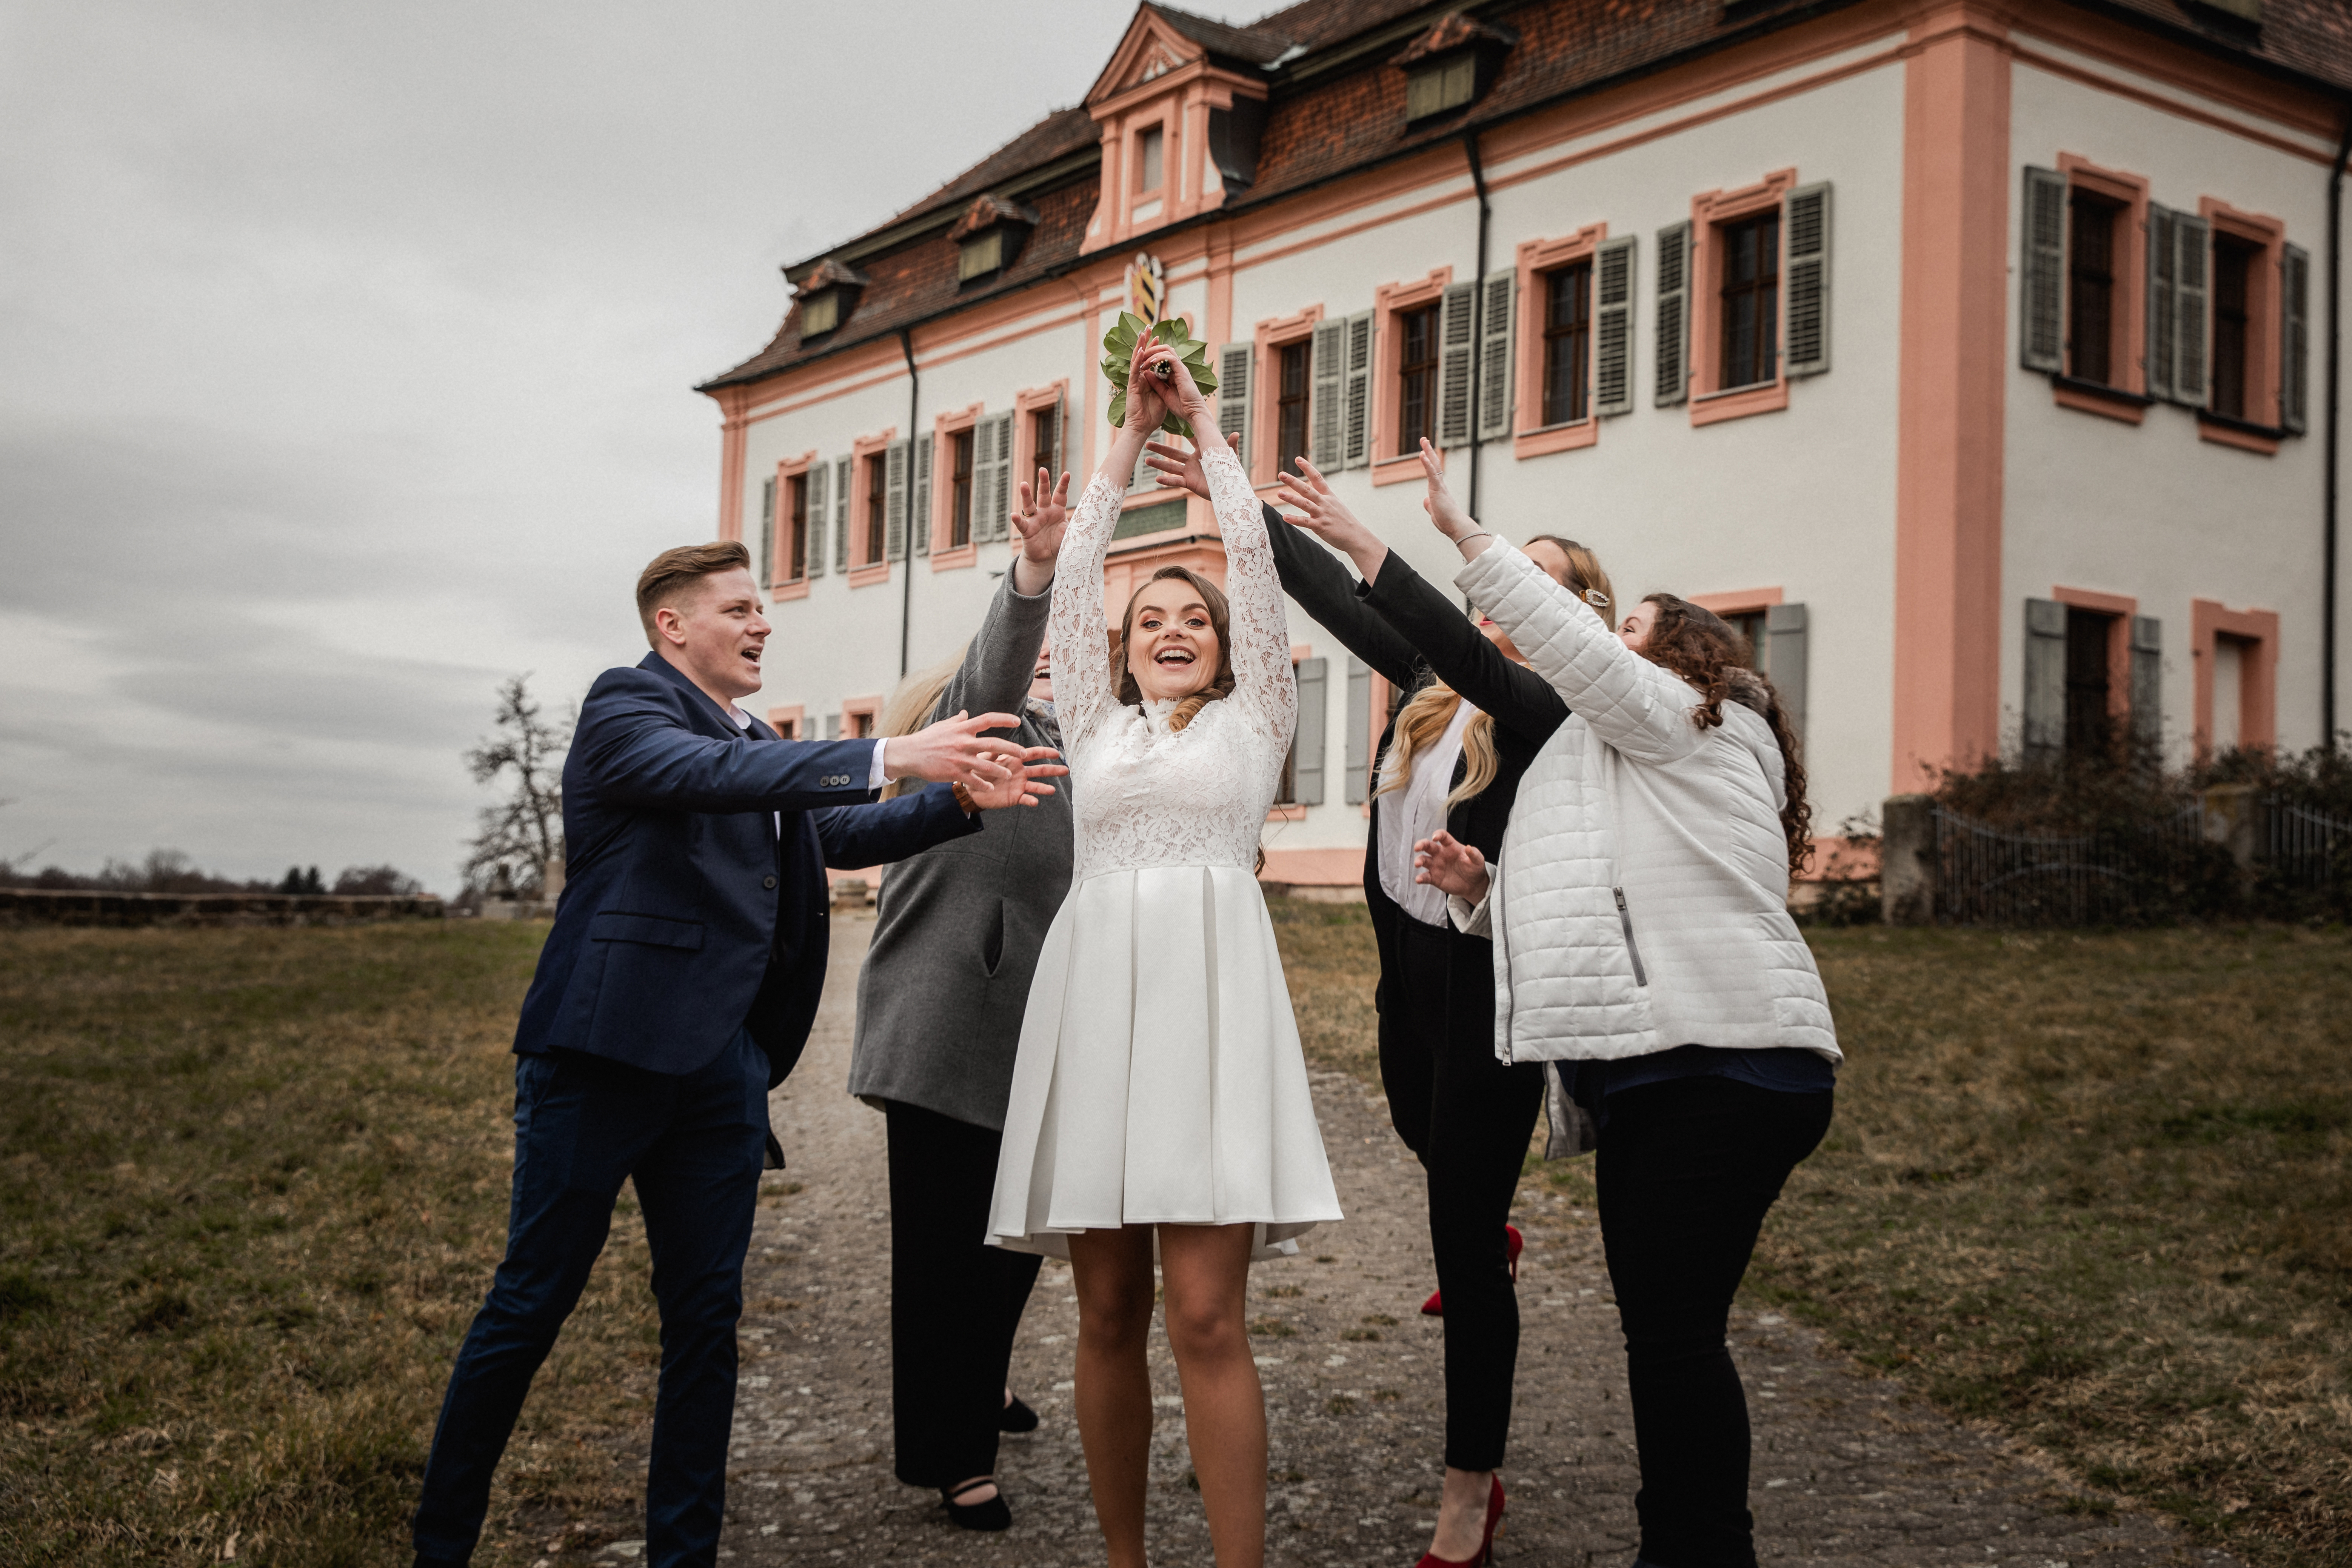 Hochzeitsfotograf-Grossgruendlach-Standesamt-Hallerschloss-Urbanerie-Stazija-und-Michael-81